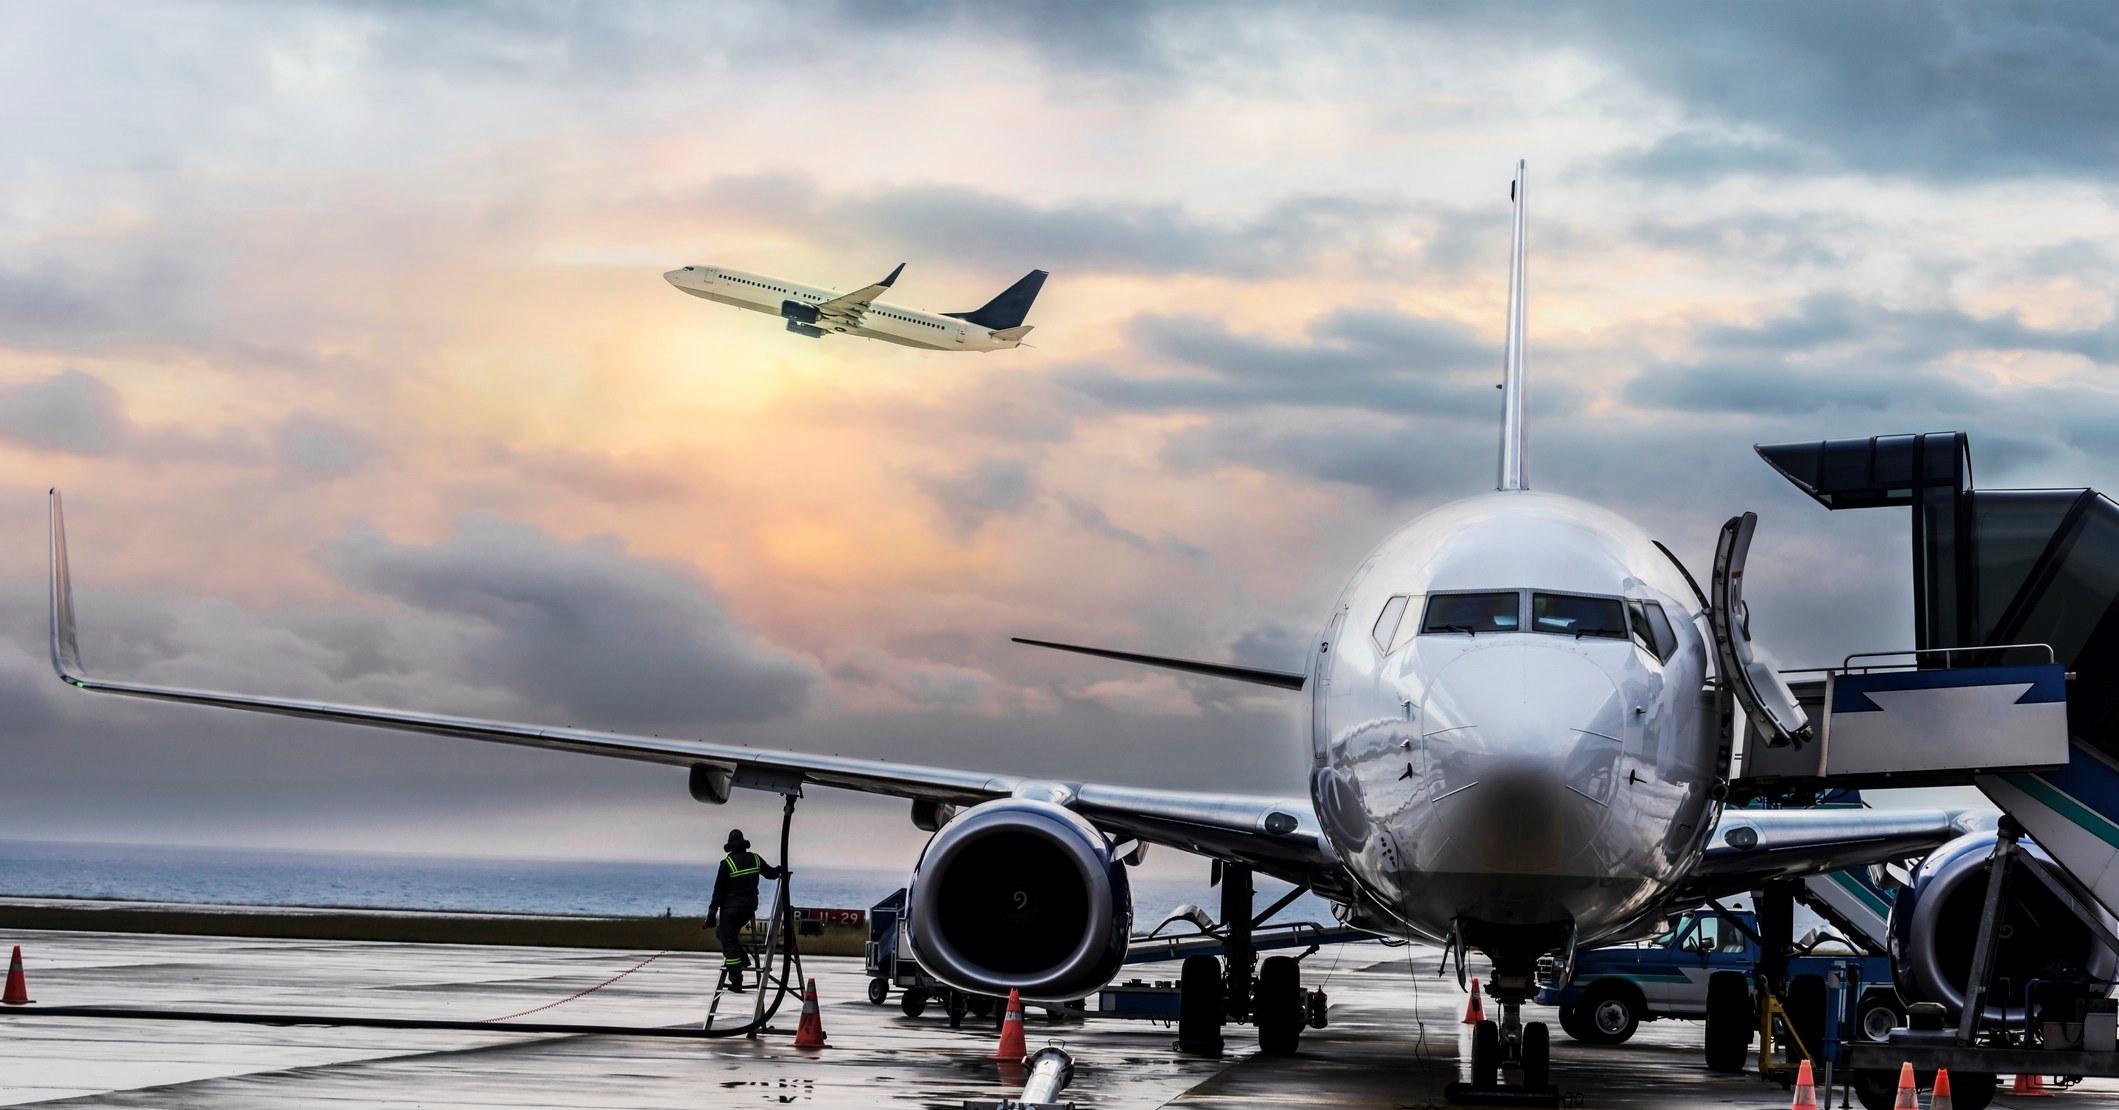 بهترین و بدترین فرودگاه های دنیا از لحاظ وقت شناسی